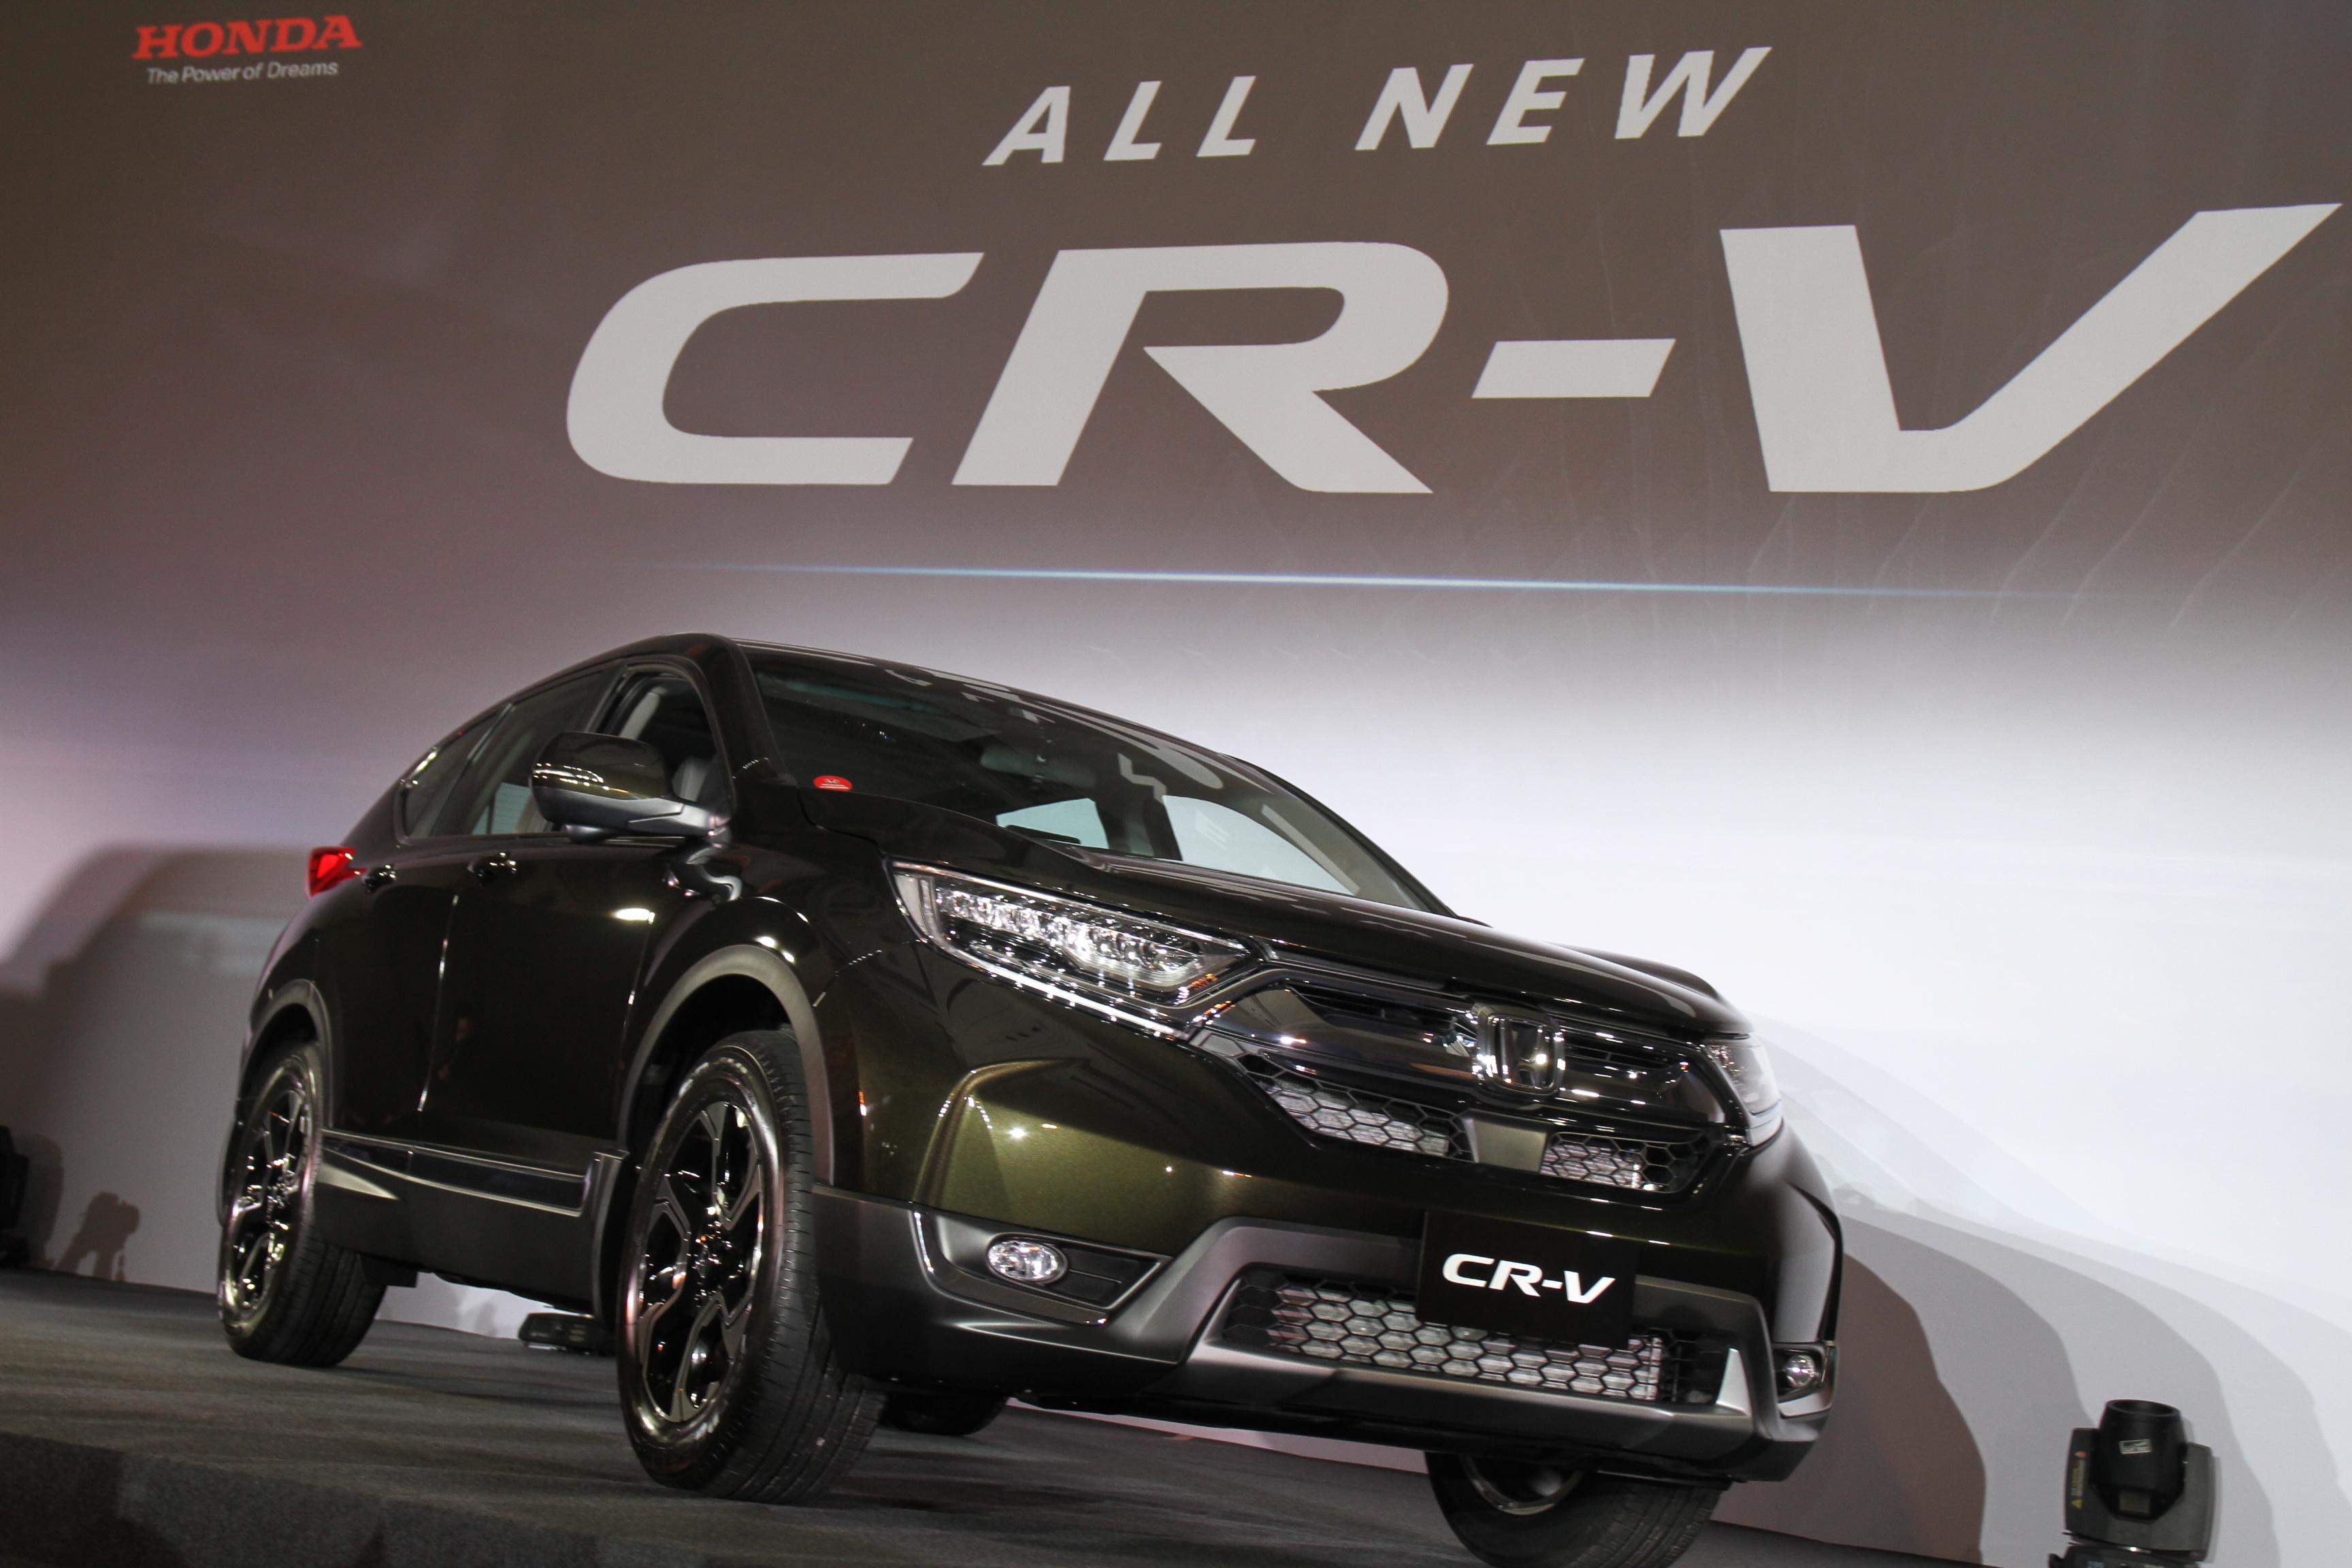 現行版本的CR-V,在台灣休旅市場中有相當亮眼的銷售表現